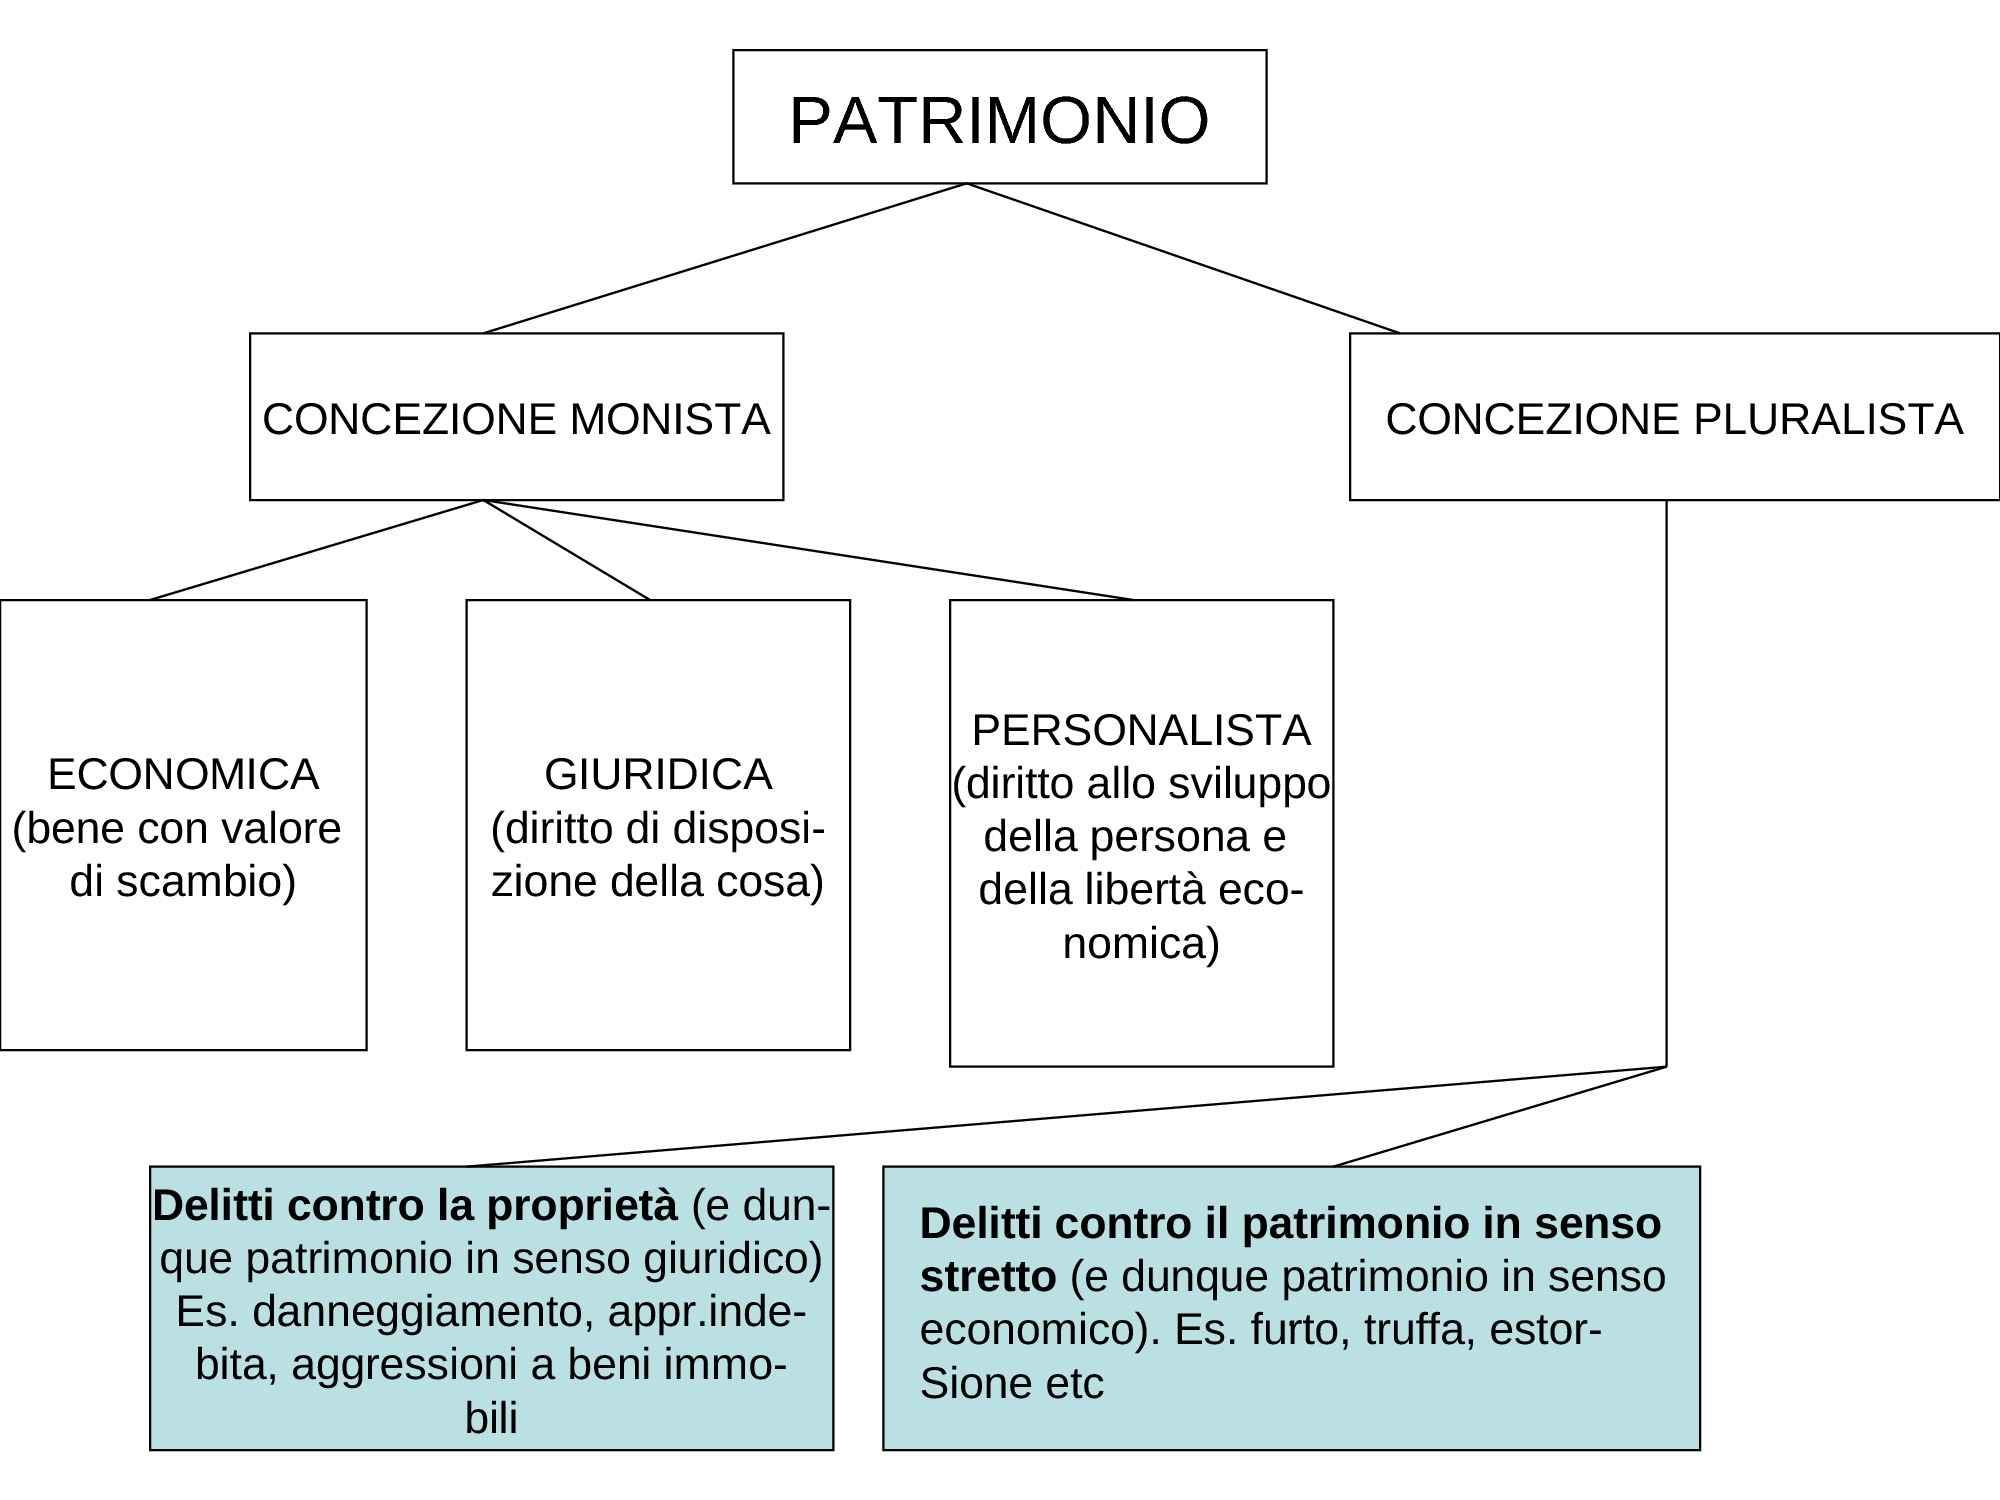 Teorie concetto di patrimonio